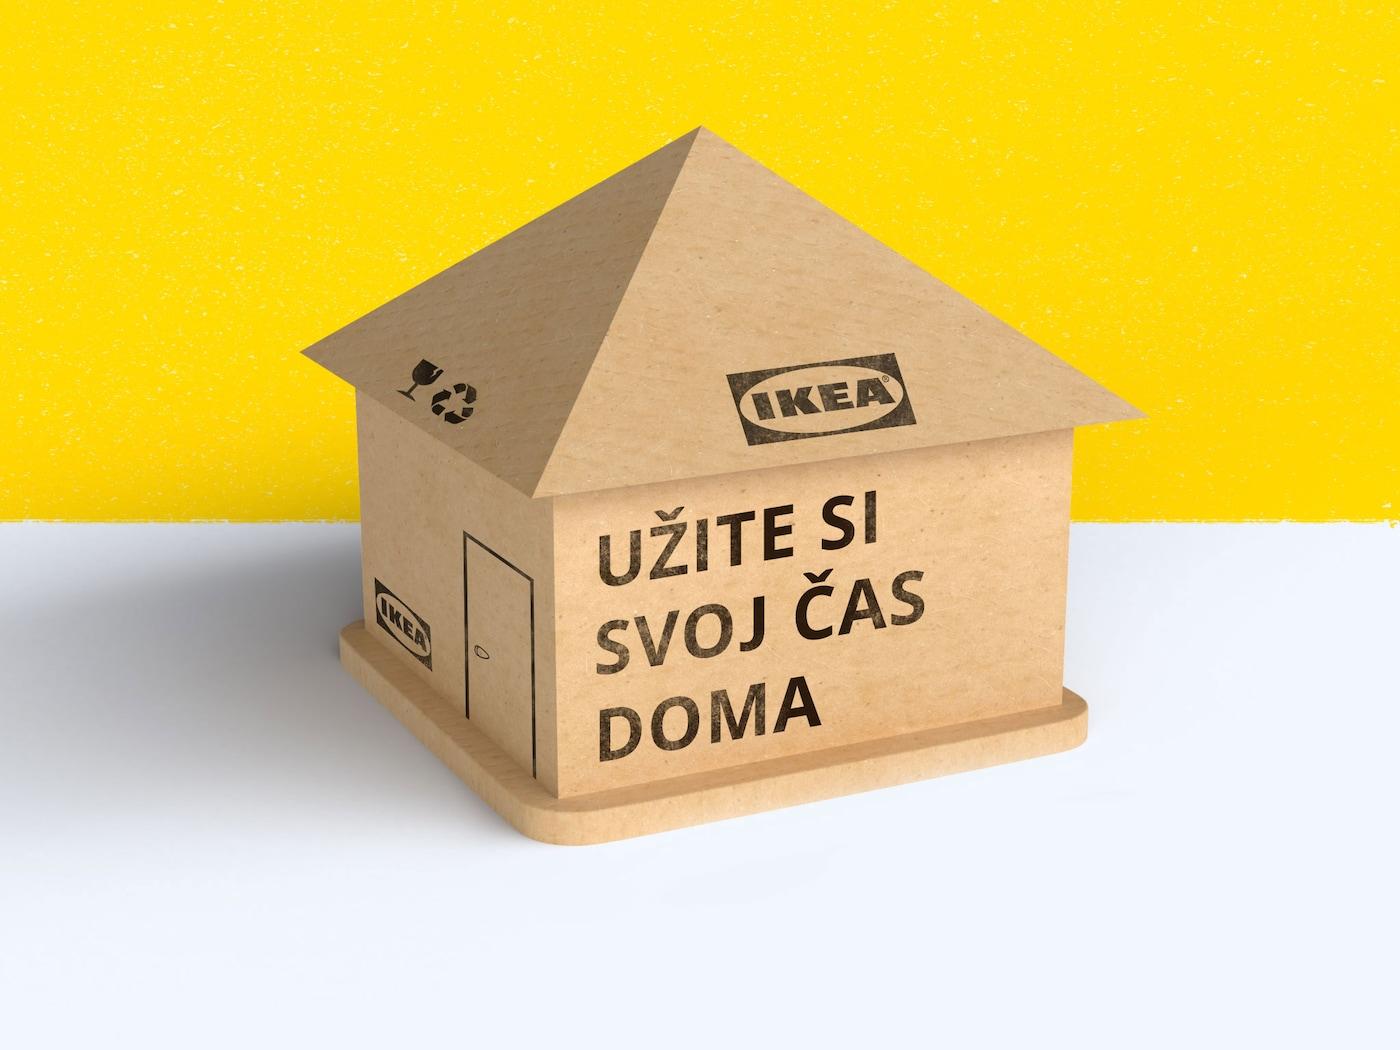 """Obrázok domu vyrobeného z kartónového obalu IKEA s nápisom """"Užite si svoj čas doma."""""""